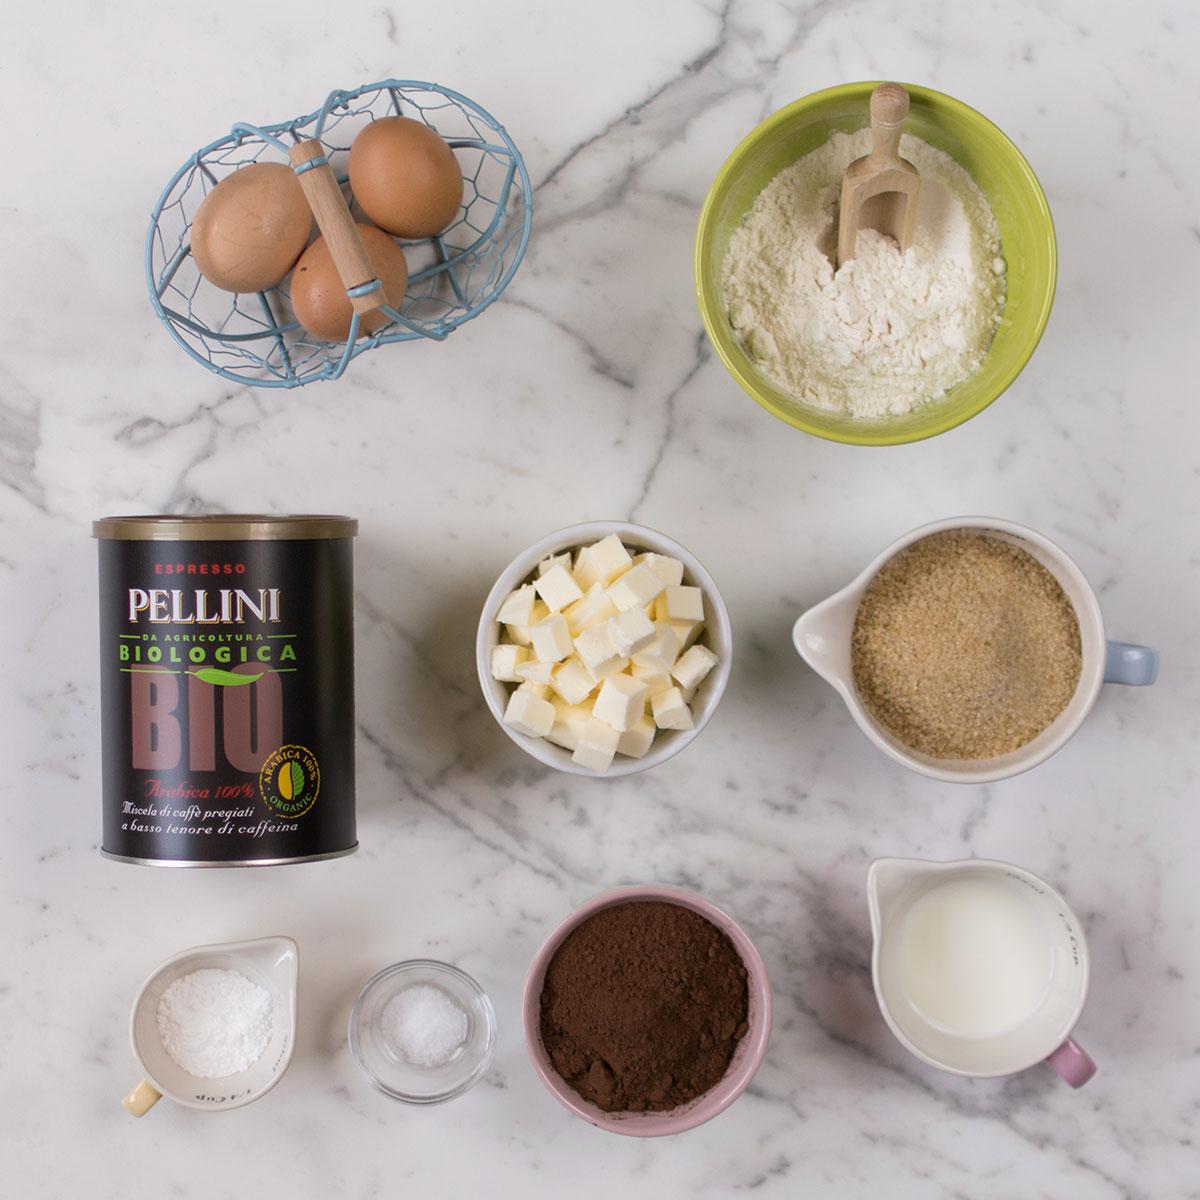 plumcake_cioccolato_caffè_espresso_ingredienti